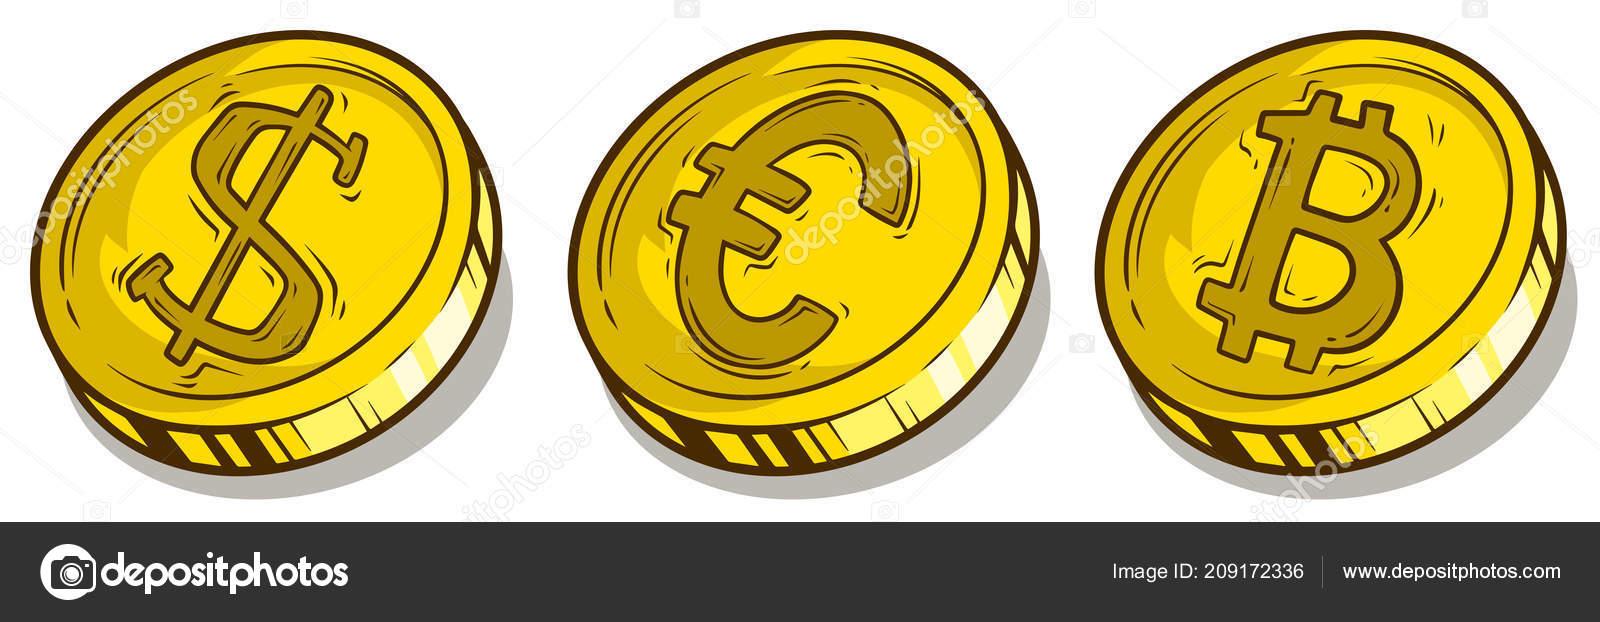 Cartoon Bitcoin Dollar And Euro Coins Vector Set Stock Vector